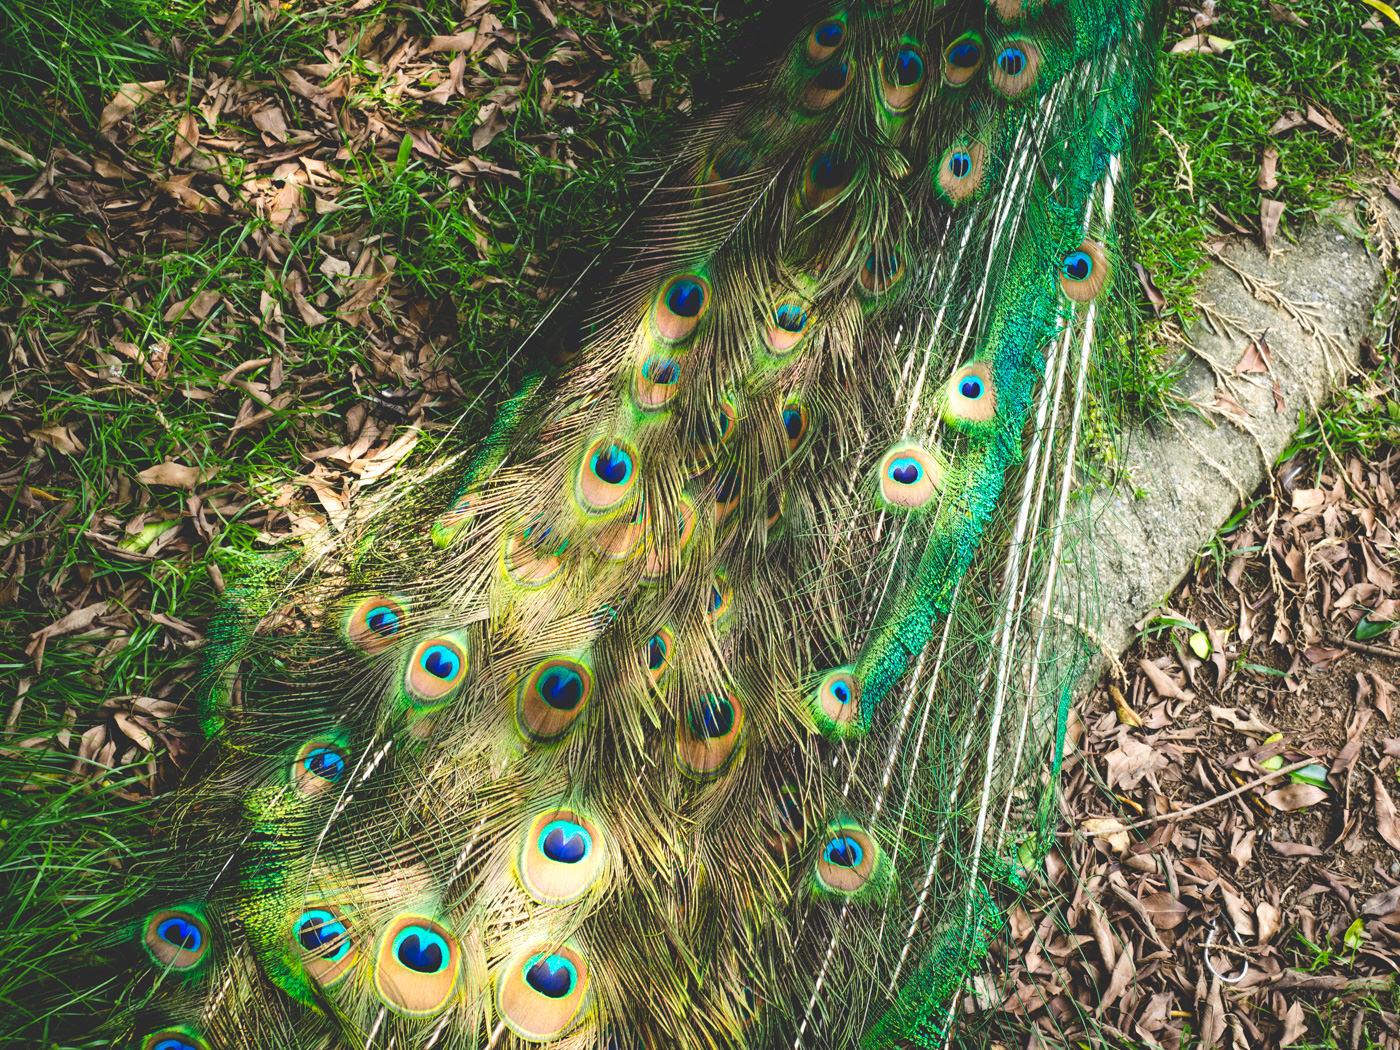 Peacock Garden, Nantou, Taiwan